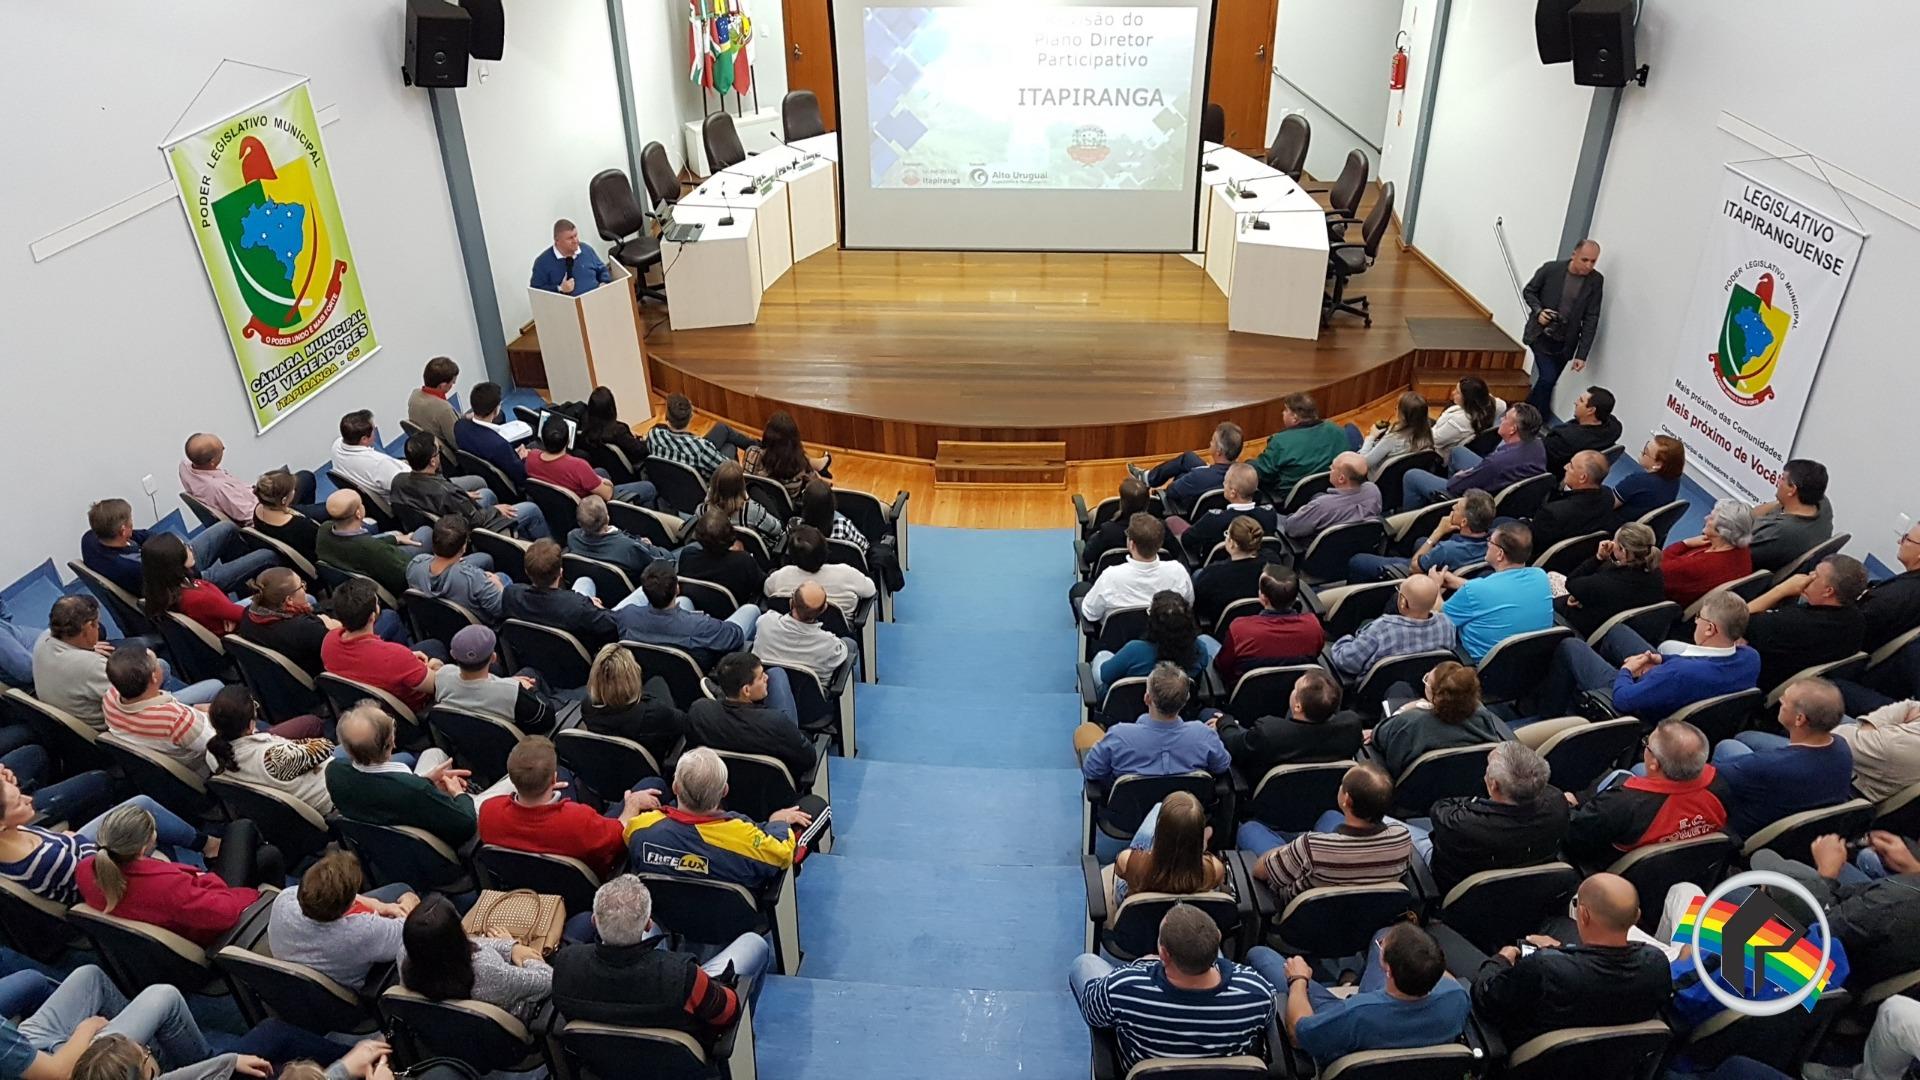 Itapiranga realiza Audiência Pública para aprovação do diagnóstico sócio ambiental